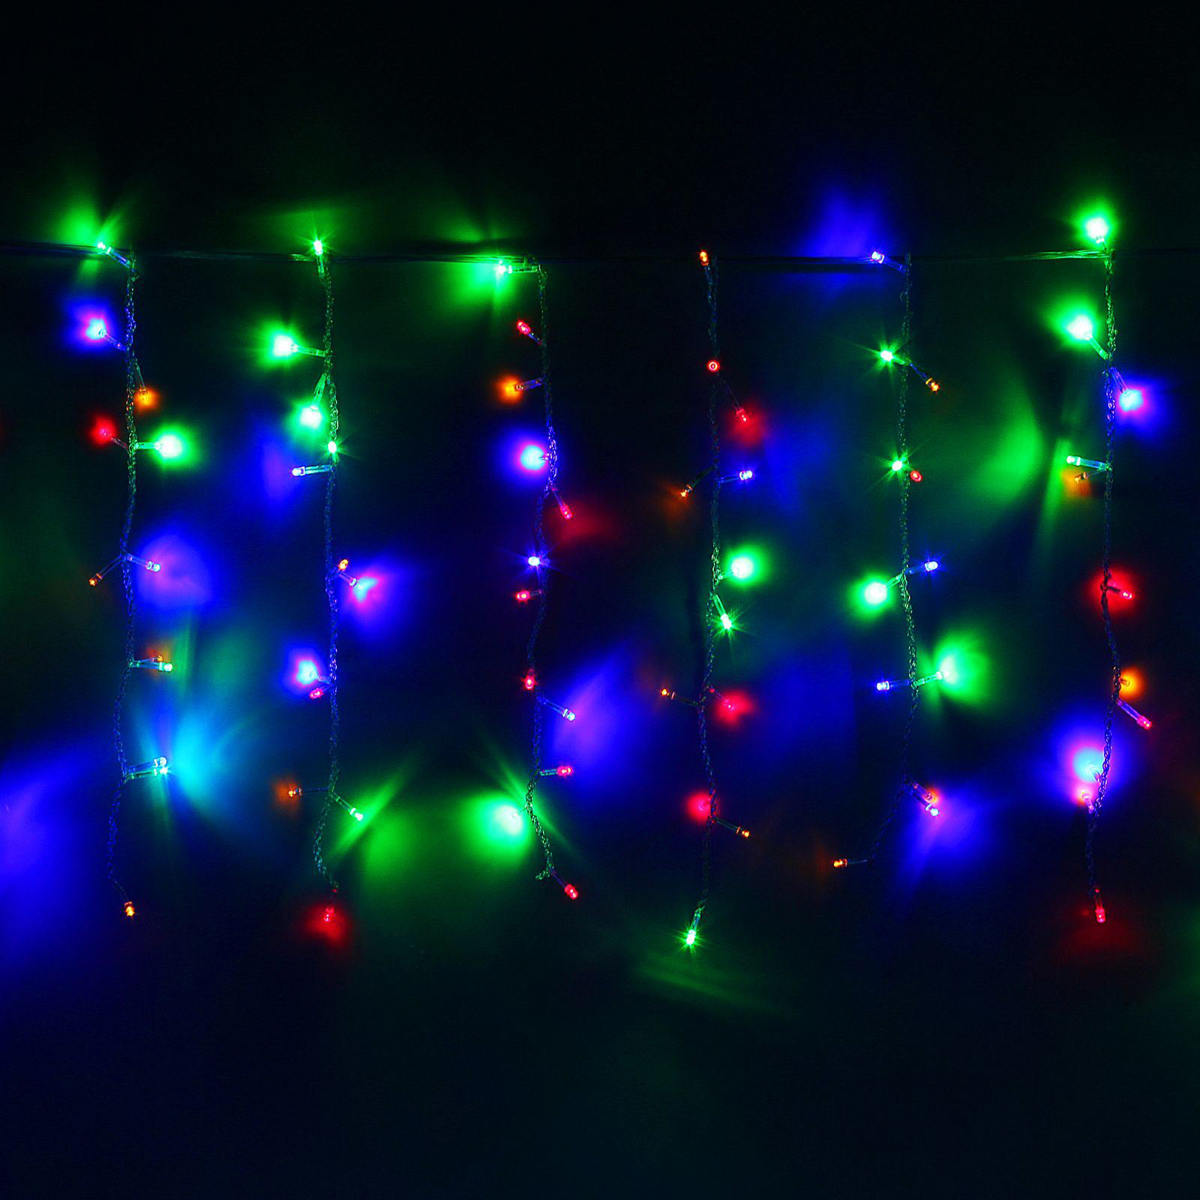 Гирлянда светодиодная Luazon Занавес, цвет: мультиколор, 180 ламп, 8 режимов, 220 V, 1,5 х 1 м. 10804521080452Светодиодные гирлянды и ленты — это отличный вариант для новогоднего оформления интерьера или фасада. С их помощью помещение любого размера можно превратить в праздничный зал, а внешние элементы зданий, украшенные ими, мгновенно станут напоминать очертания сказочного дворца. Такие украшения создают ауру предвкушения чуда. Деревья, фасады, витрины, окна и арки будто специально созданы, чтобы вы украсили их светящимися нитями.